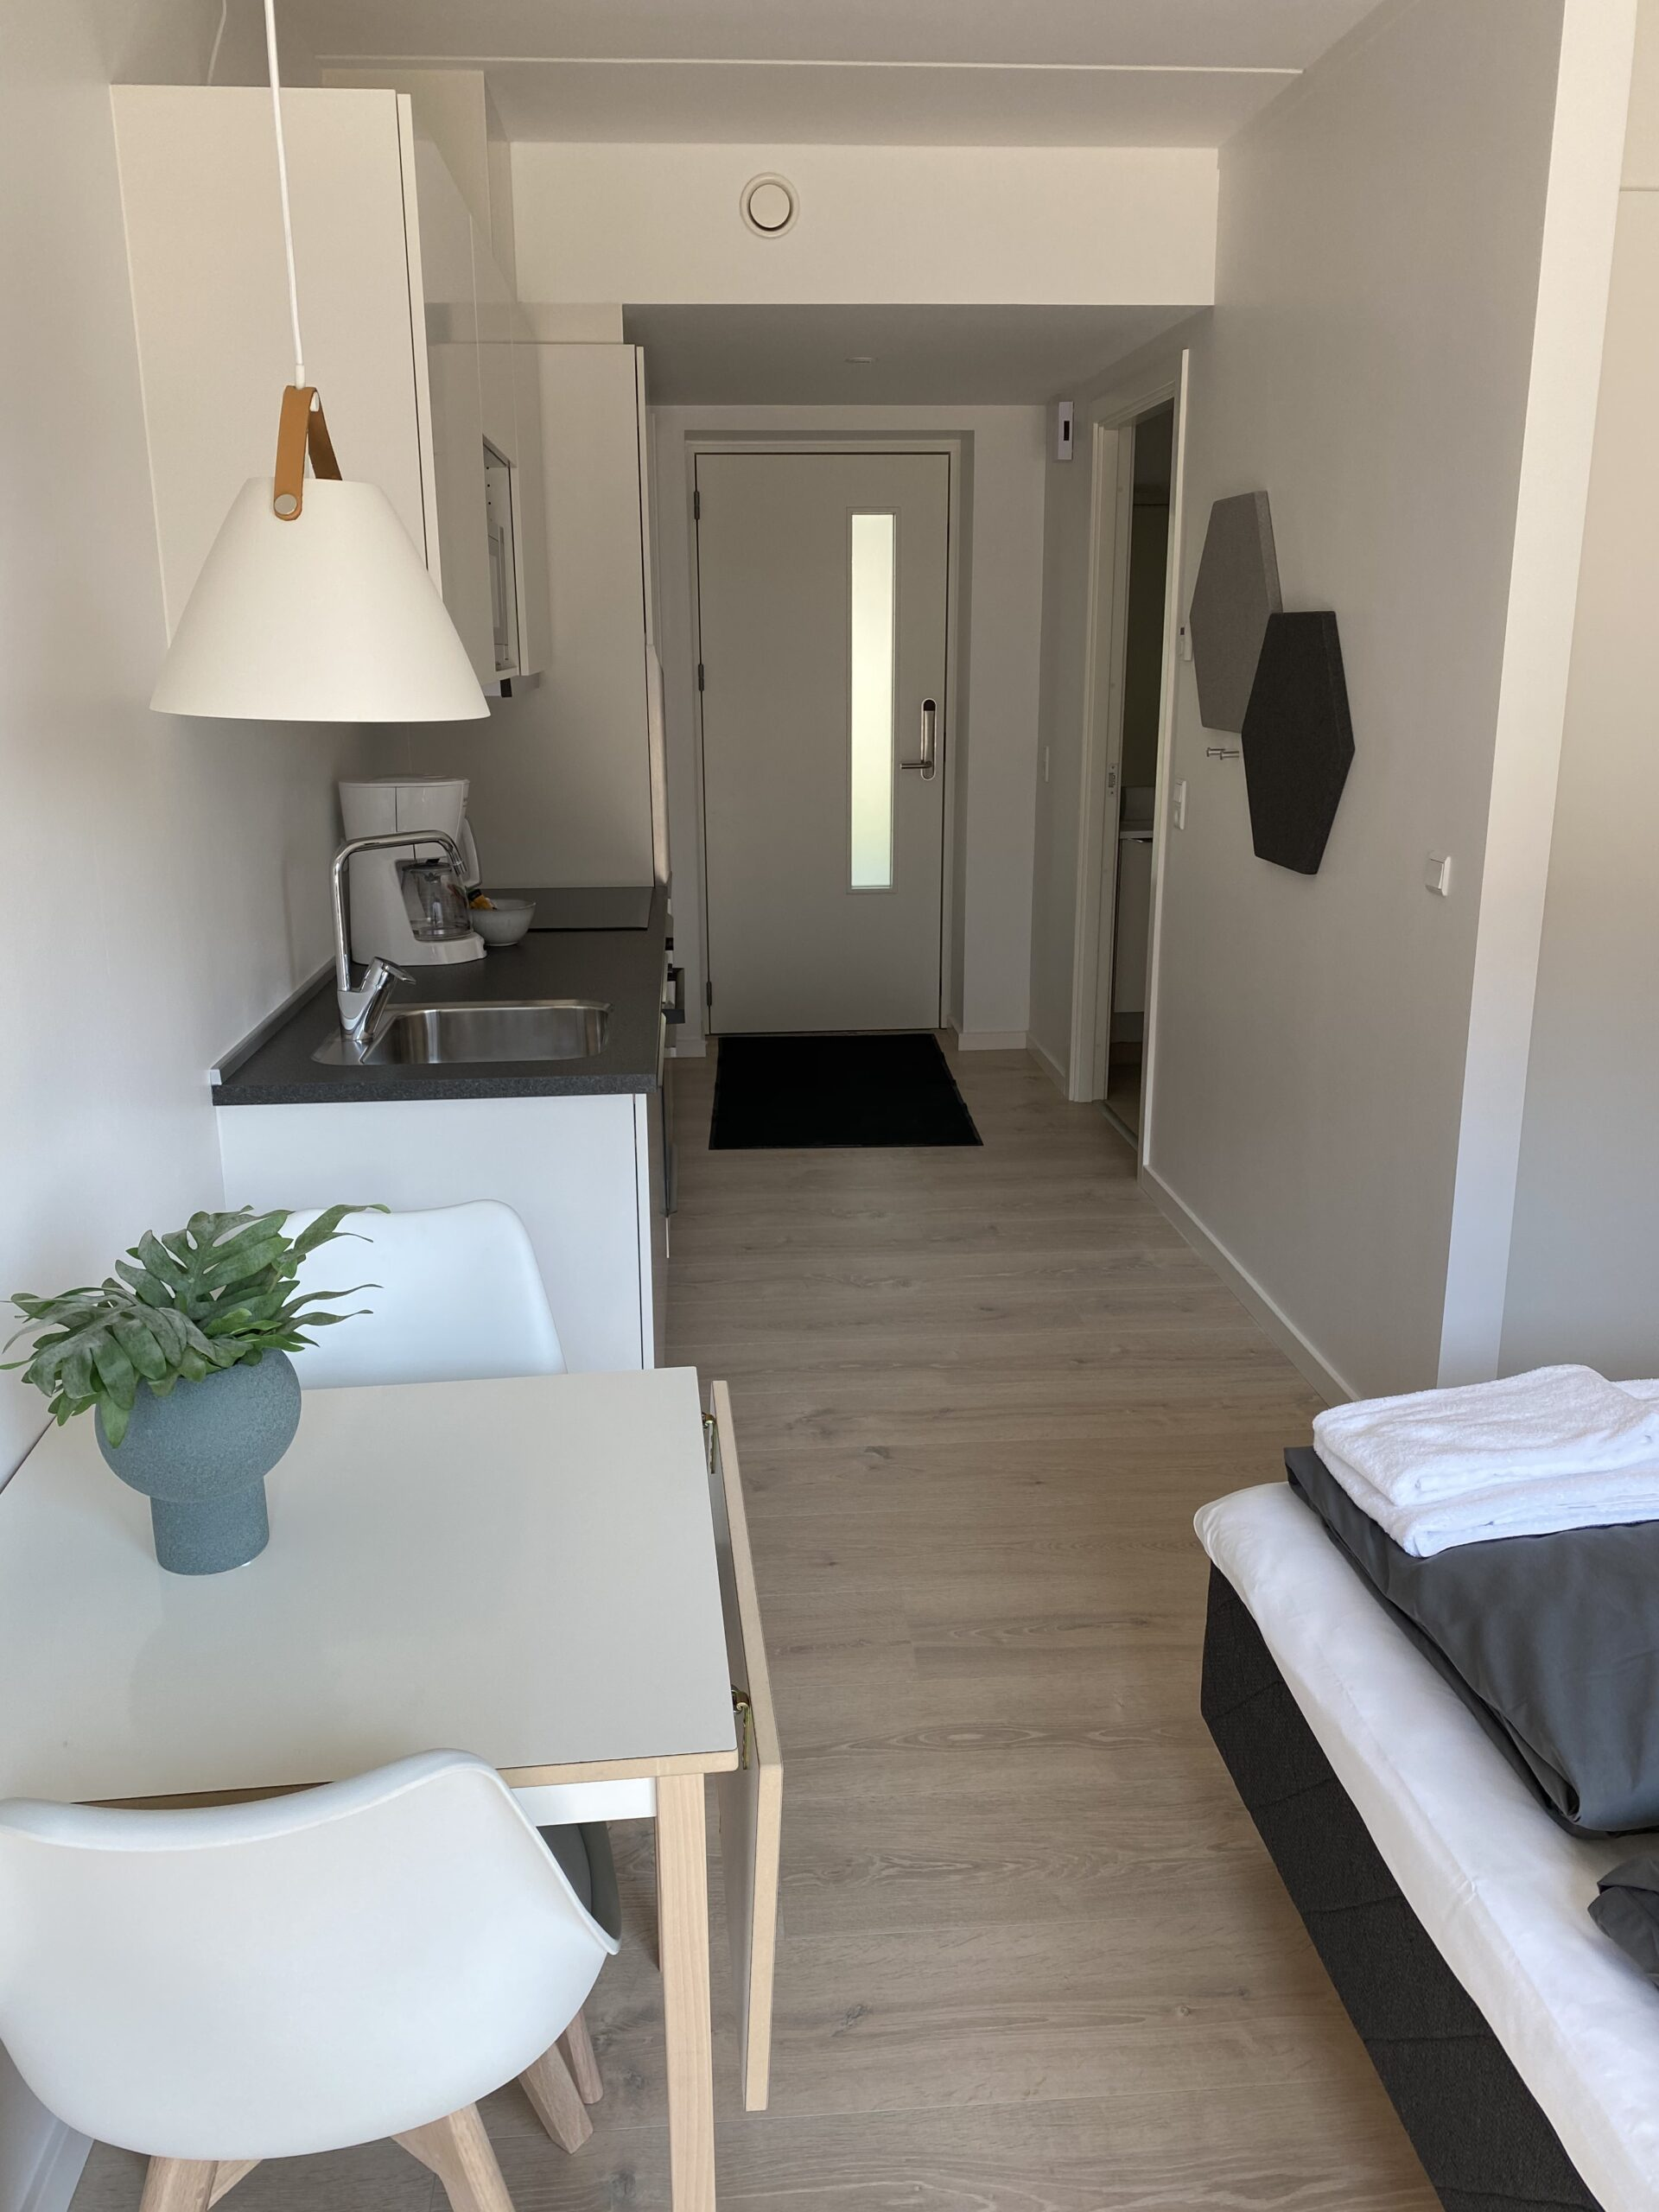 Aalborg hotel